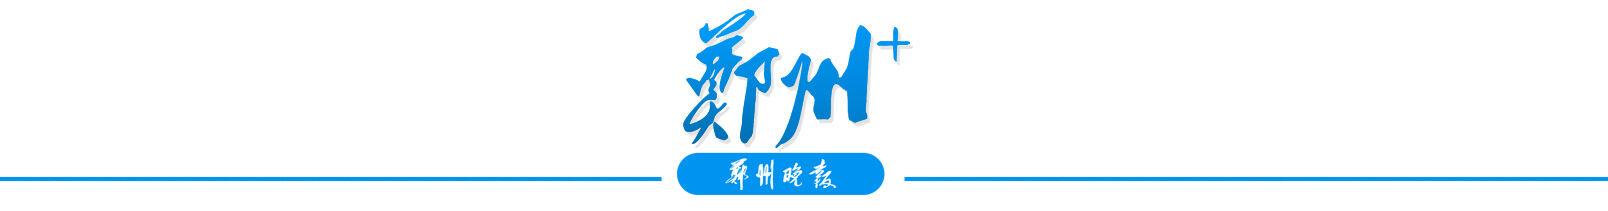 郑州02.jpg